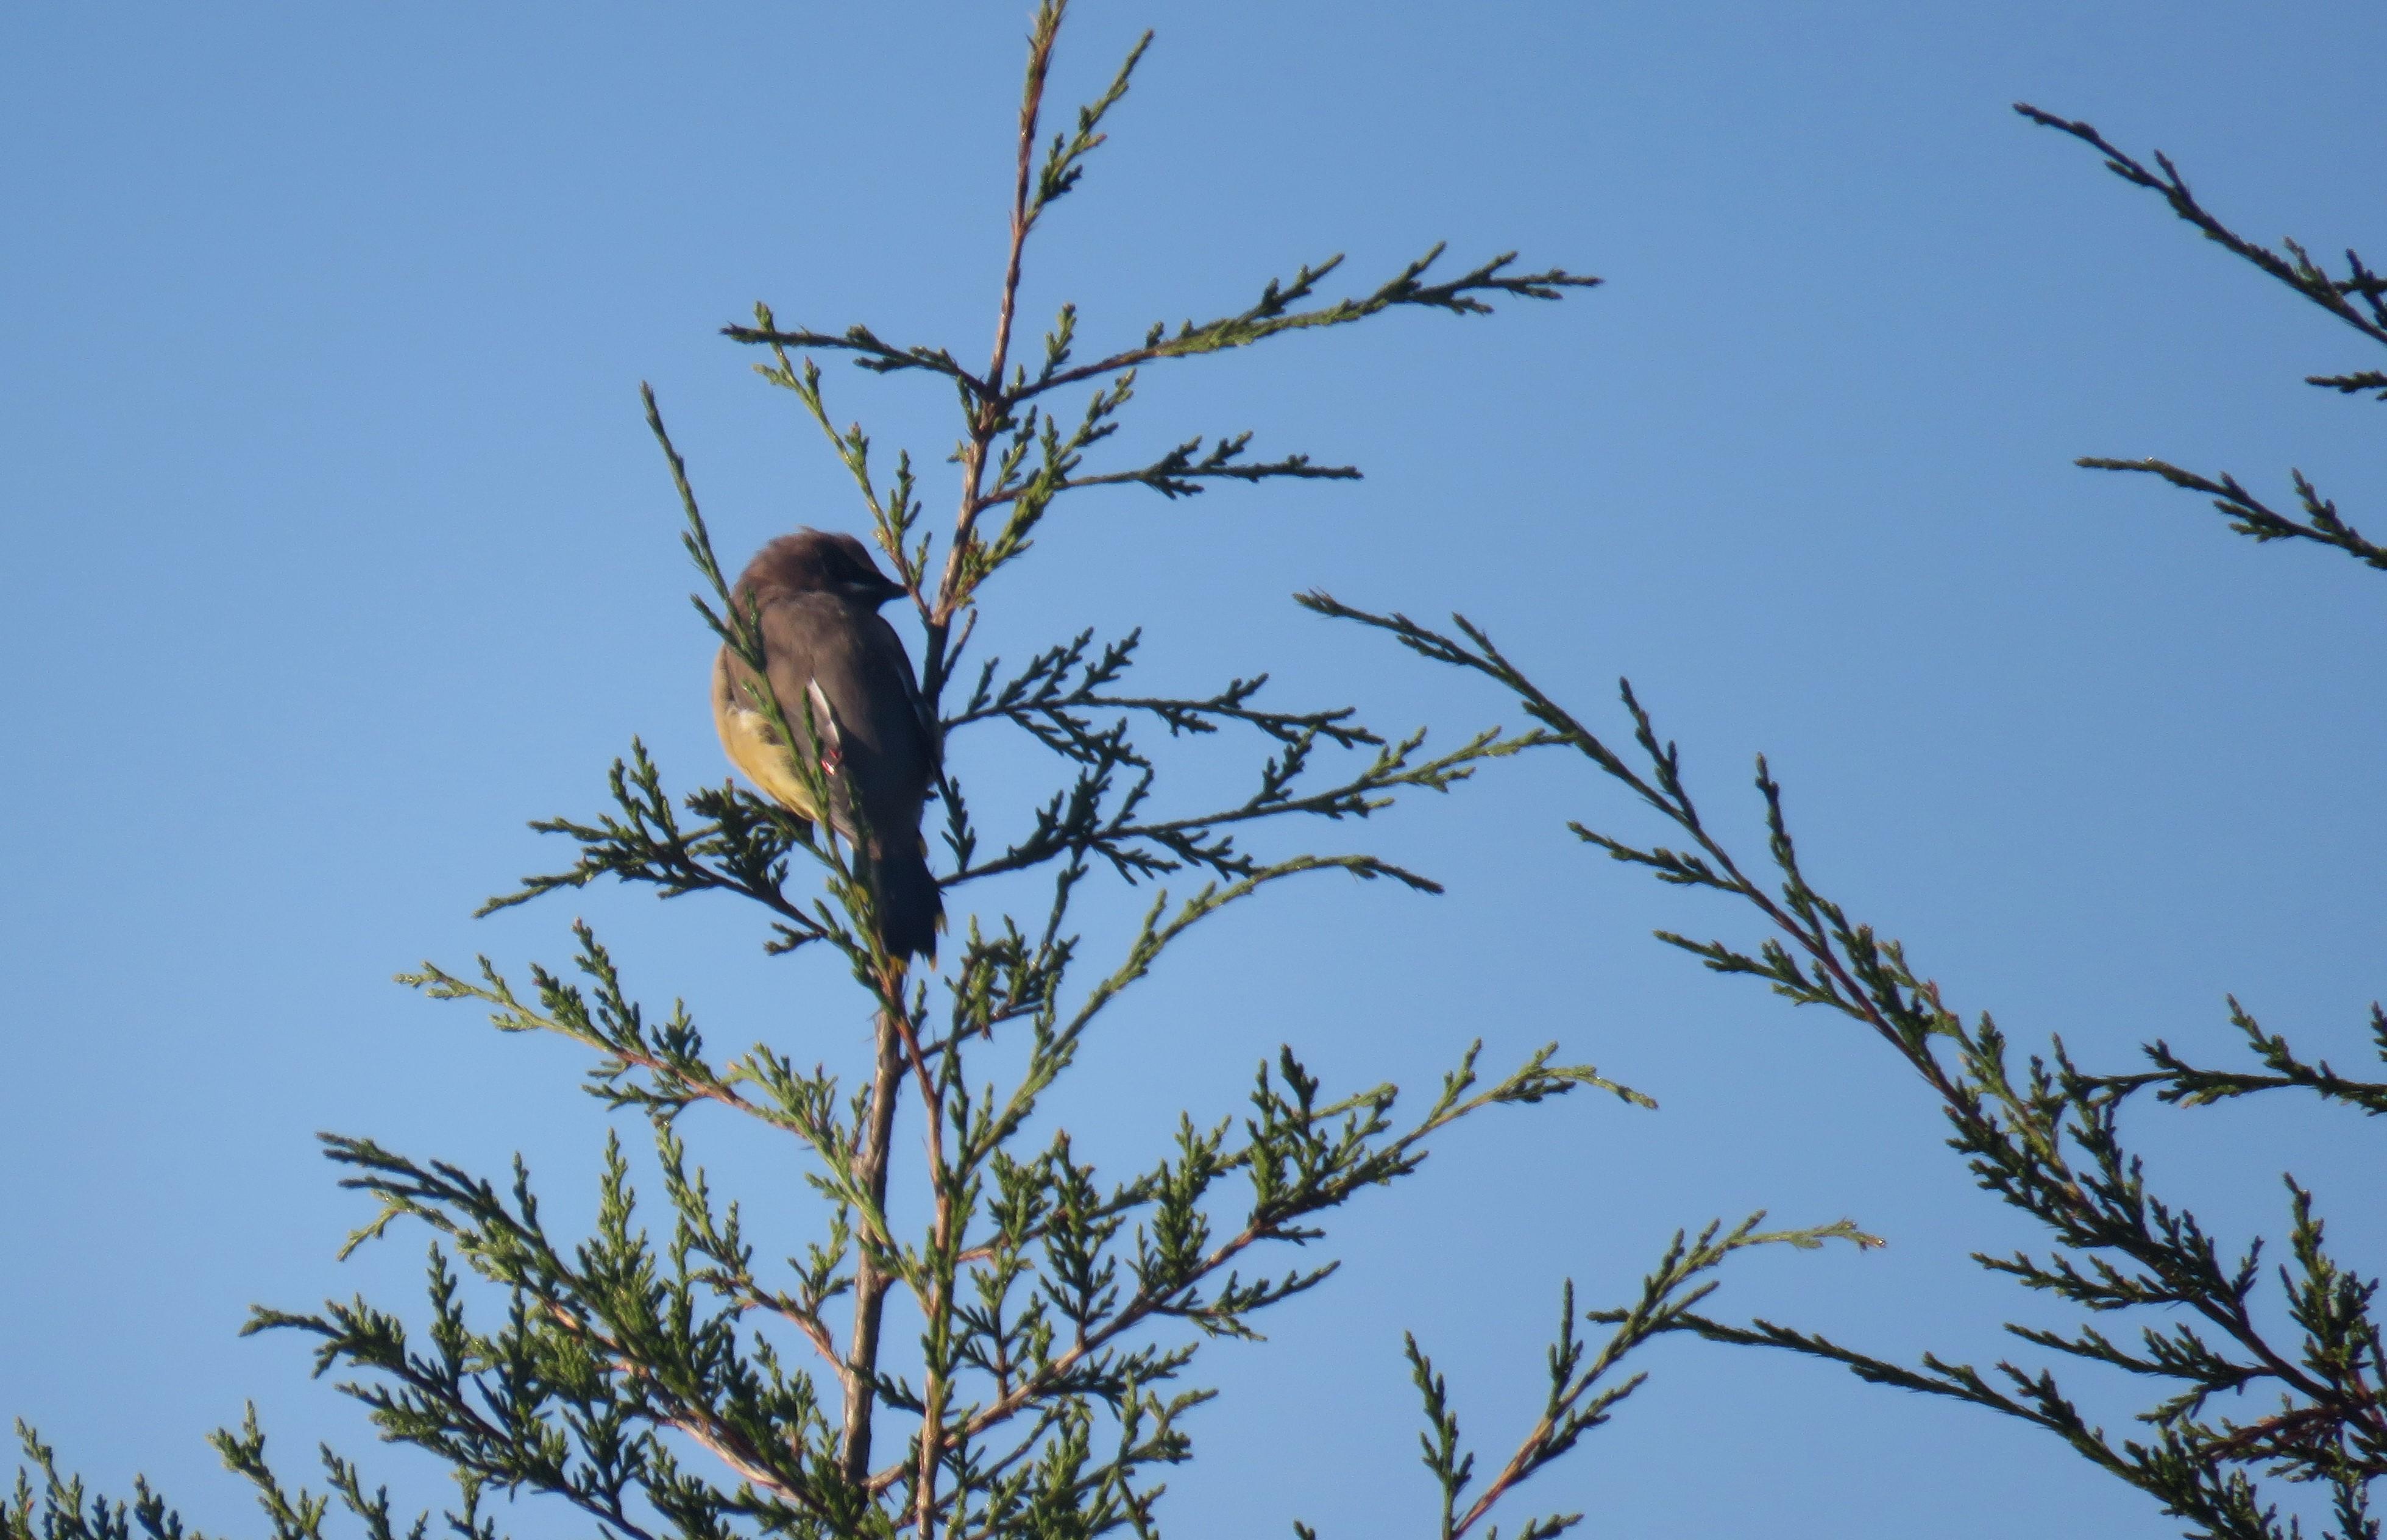 A Cedar Waxwing perched at the top of a Cedar tree